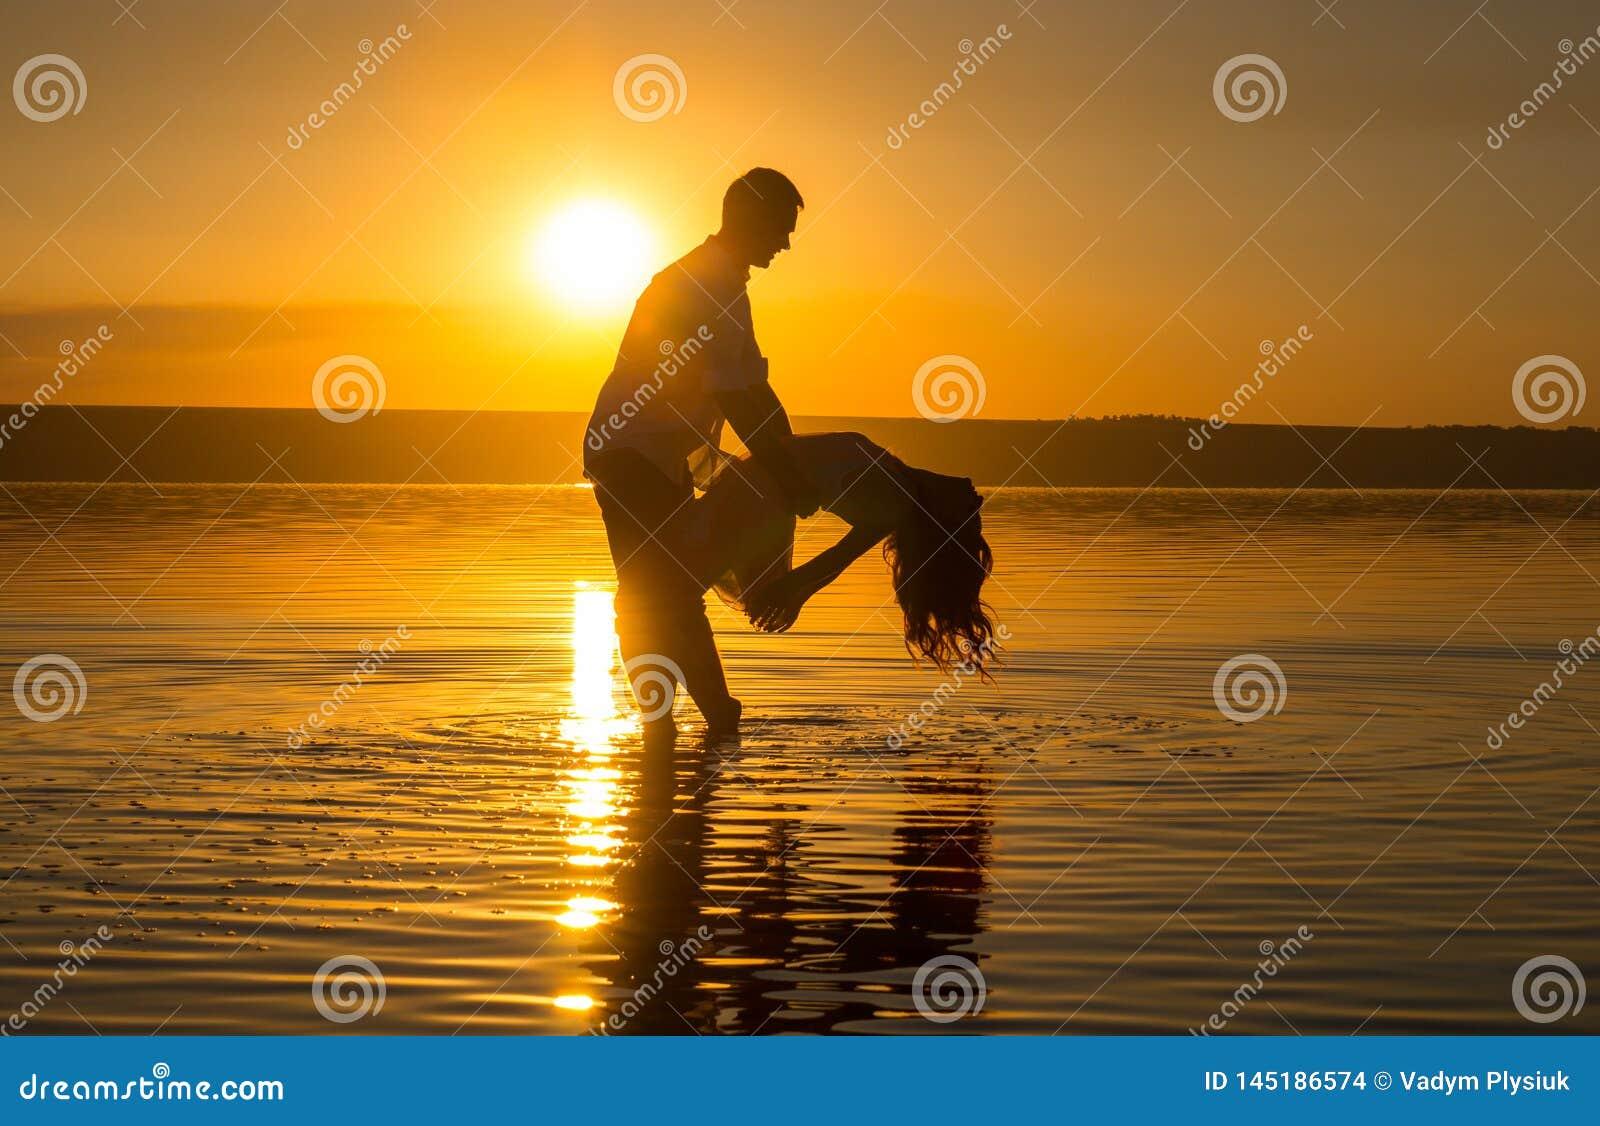 Το νέο ζεύγος χορεύει στο νερό στη θερινή παραλία Ηλιοβασίλεμα πέρα από τη θάλασσα Δύο σκιαγραφίες ενάντια στον ήλιο Ήρεμος και α